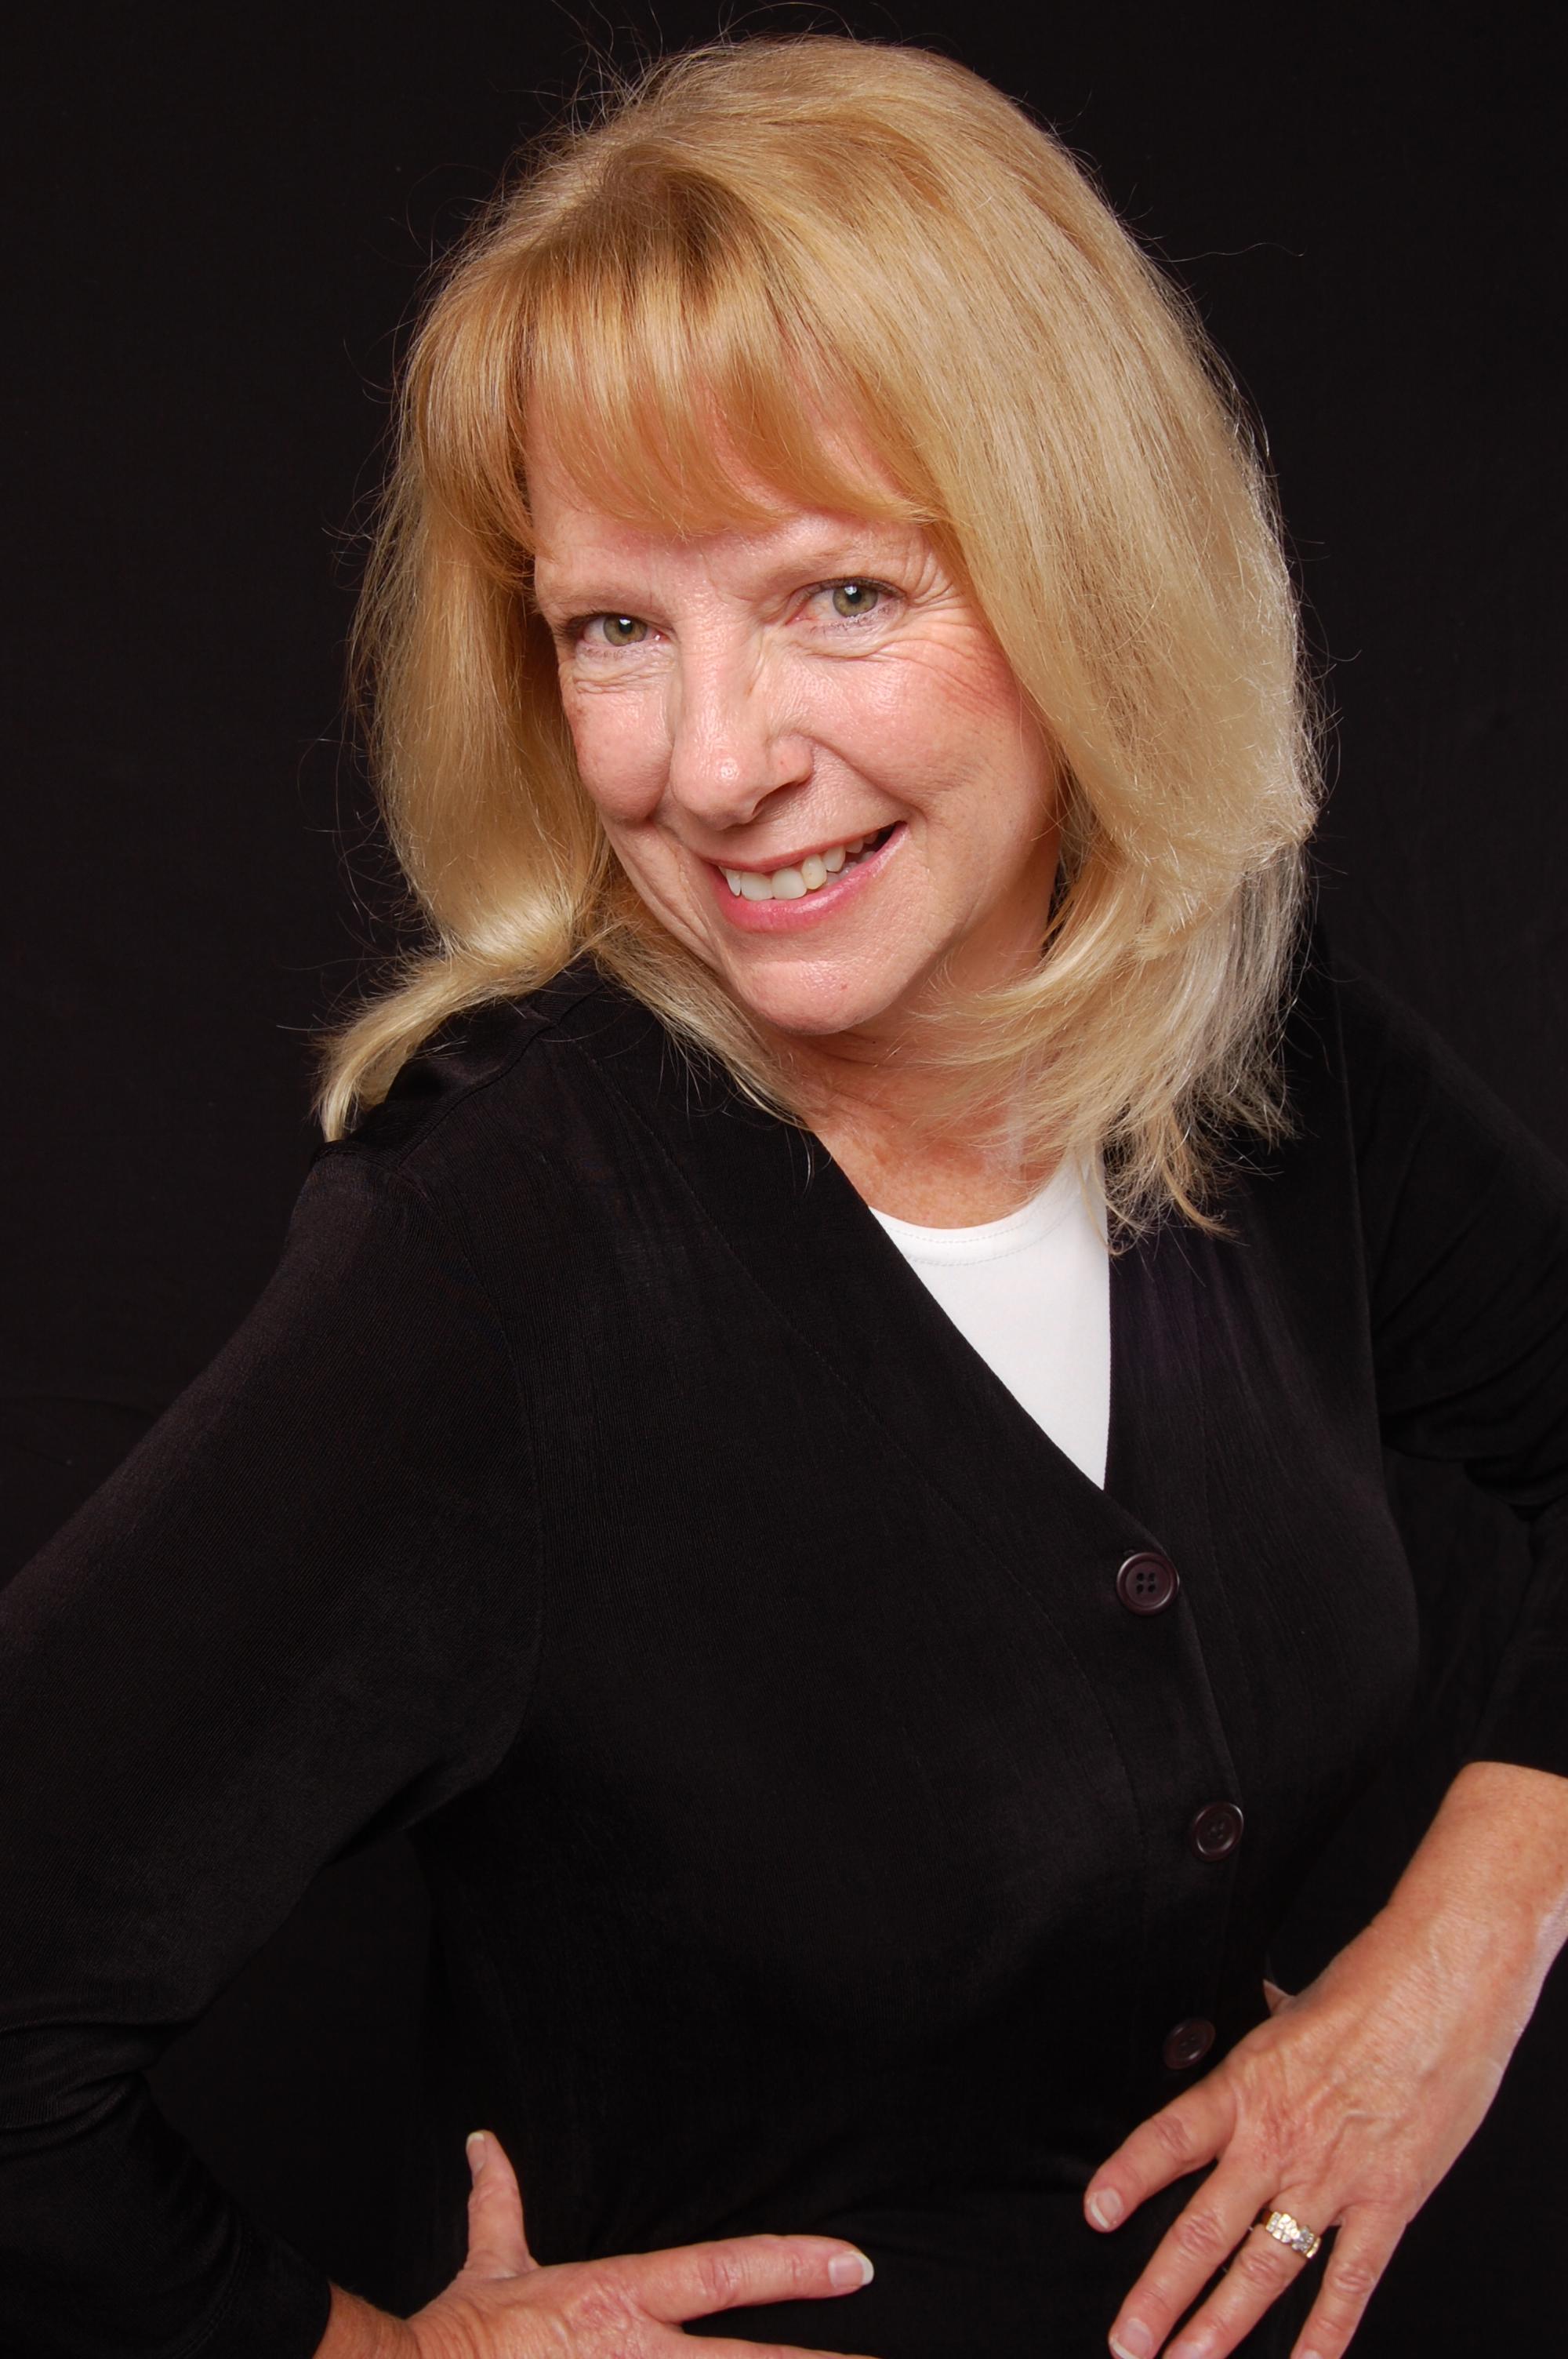 Katherine A. Fetterolf